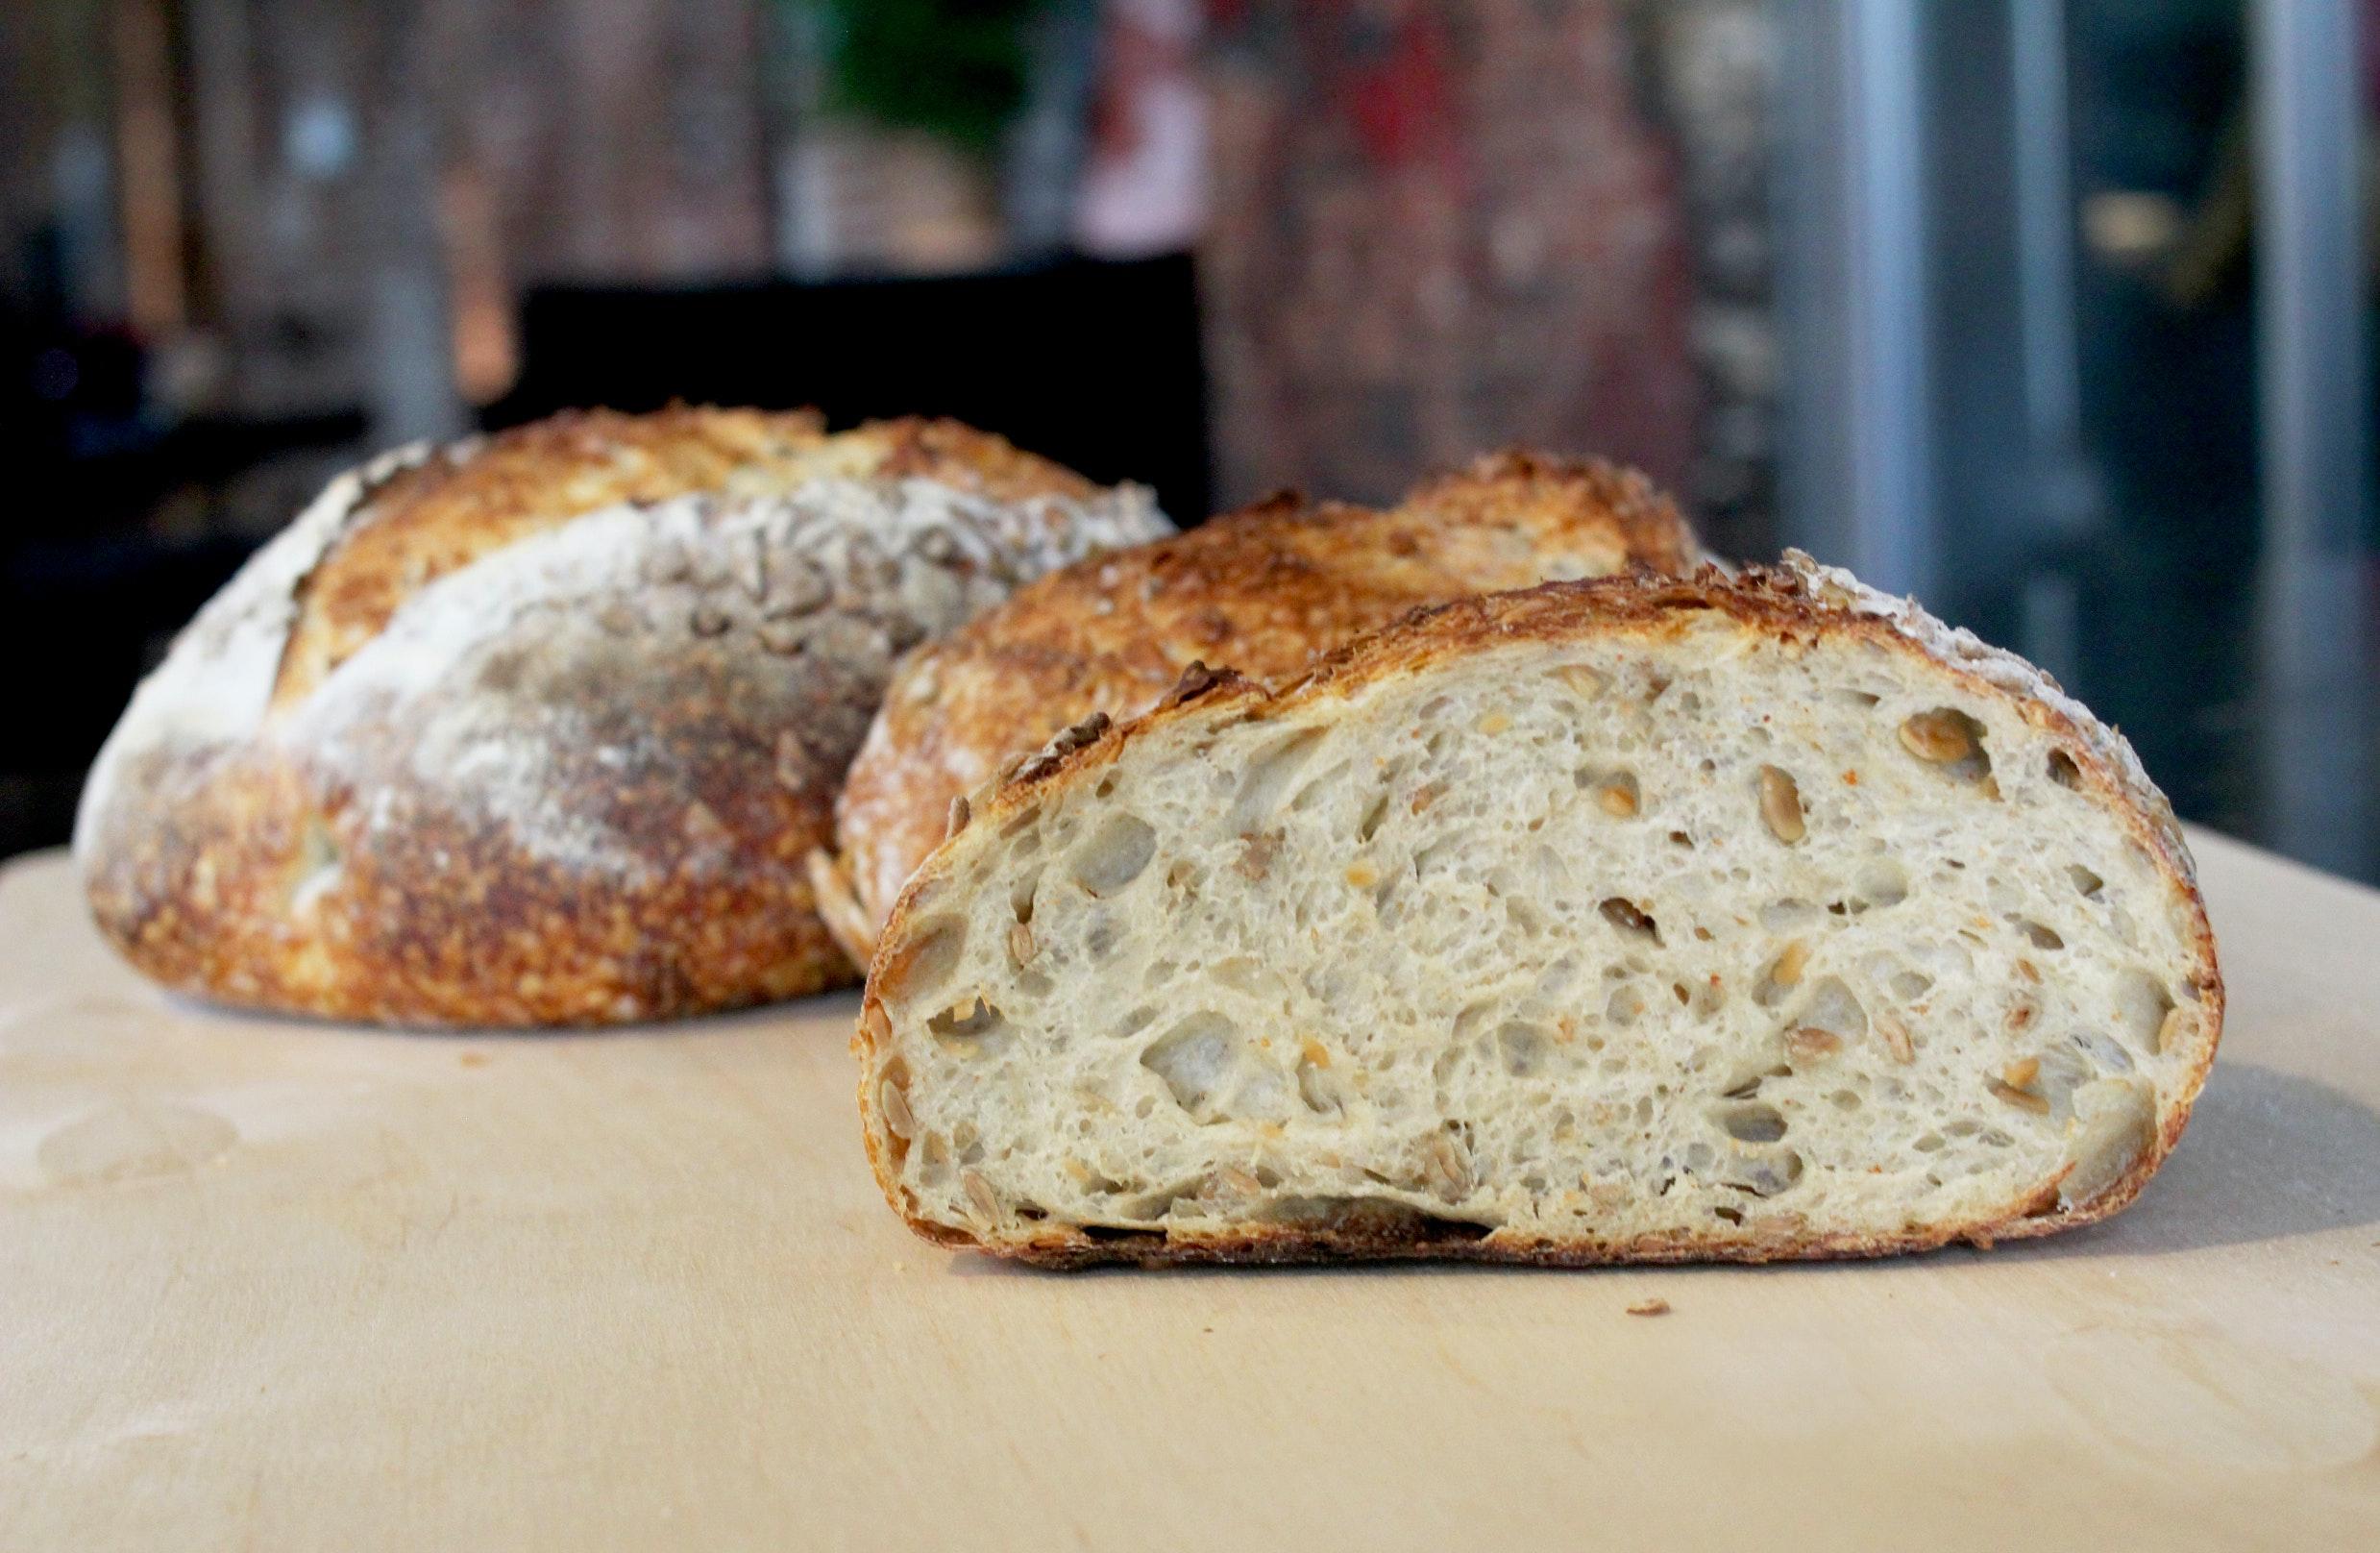 Reunion Bread Co